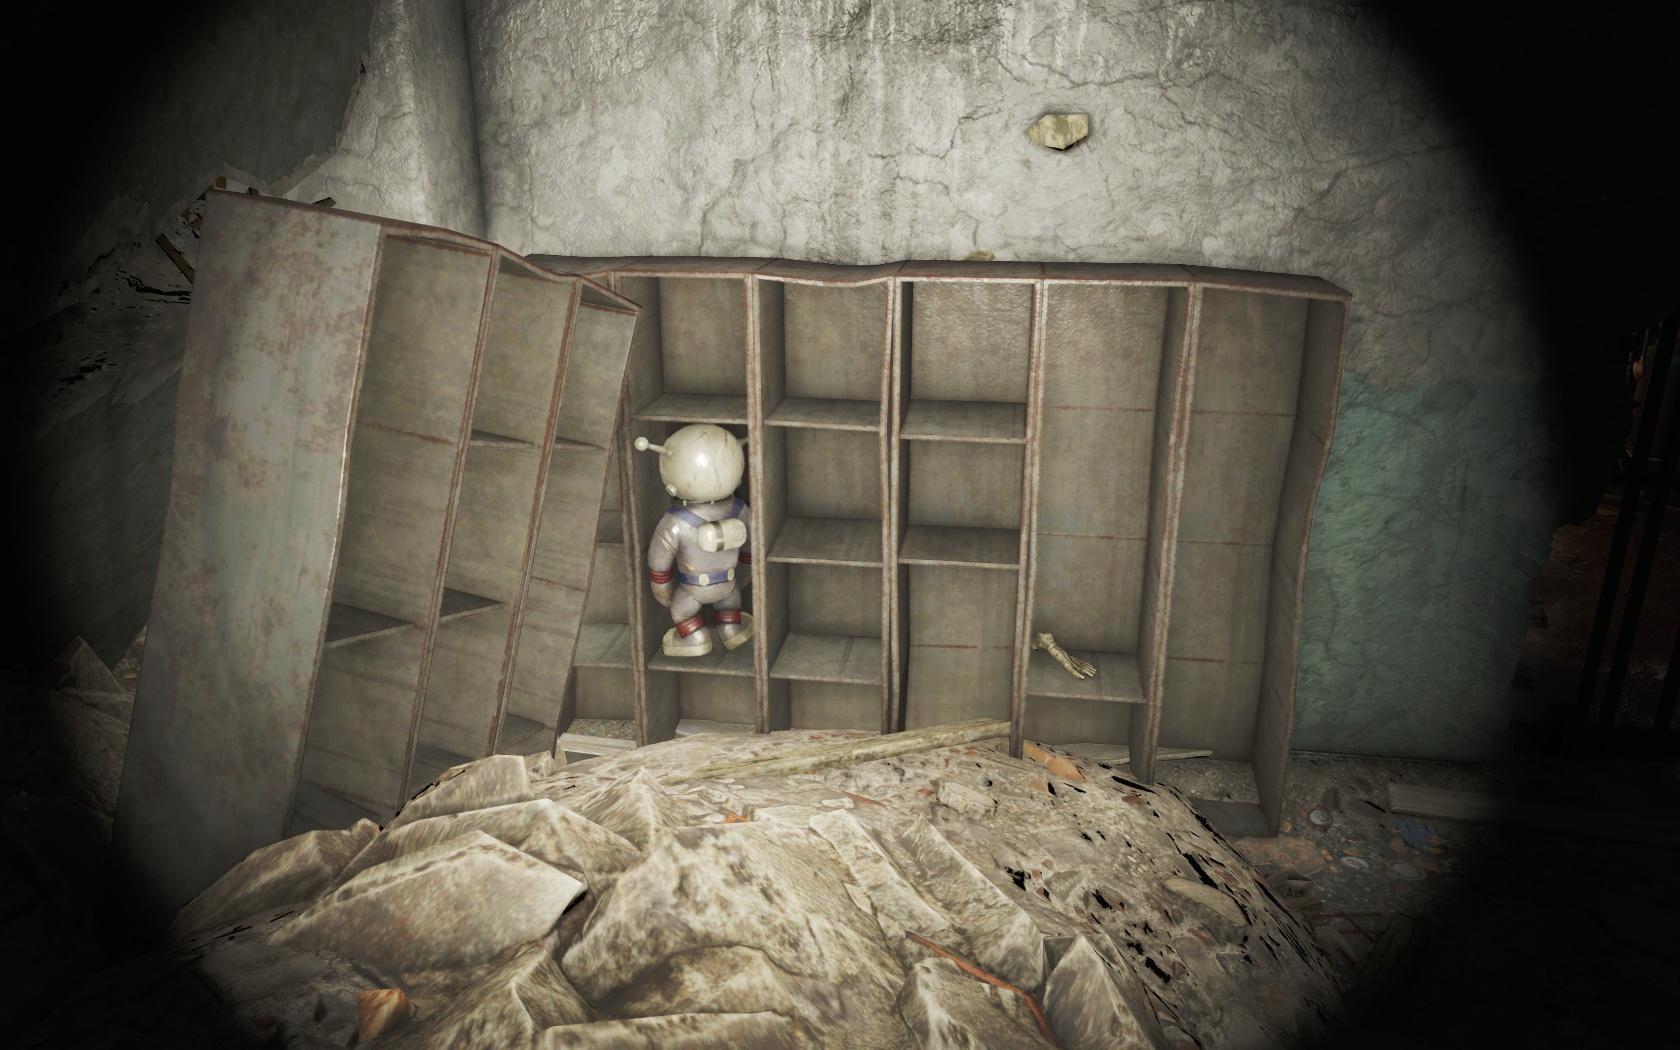 Больше не может смотреть на этот мир (Политехническая школа Центрального Бостона) - Fallout 4 Бостон, Лунная, мартышка, Политехническая школа Центрального Бостона, Центральный Бостон, школа